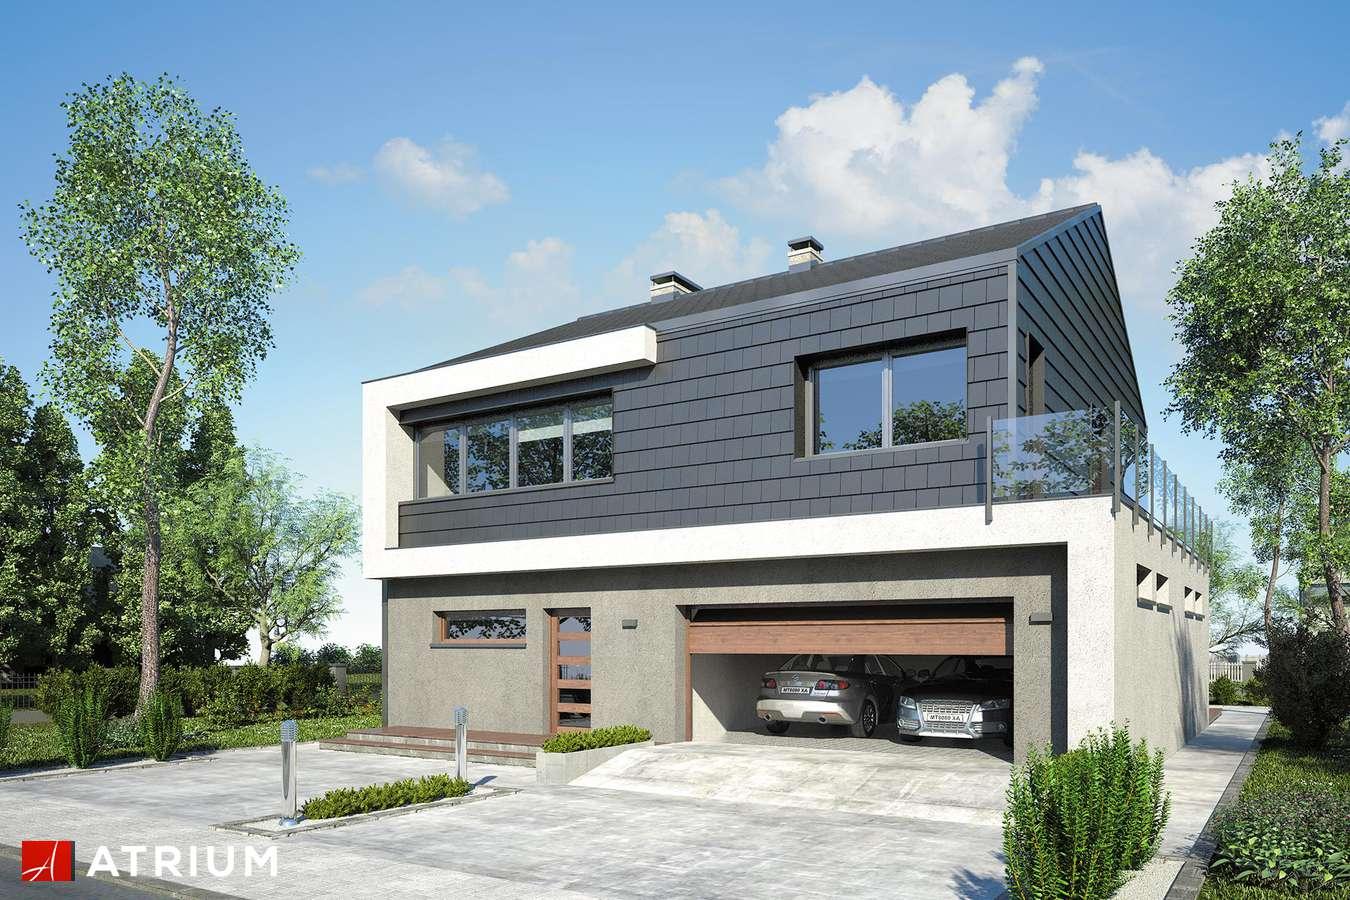 Projekty domów - Projekt domu piętrowego NEW HOUSE II - wizualizacja 2 - wersja lustrzana